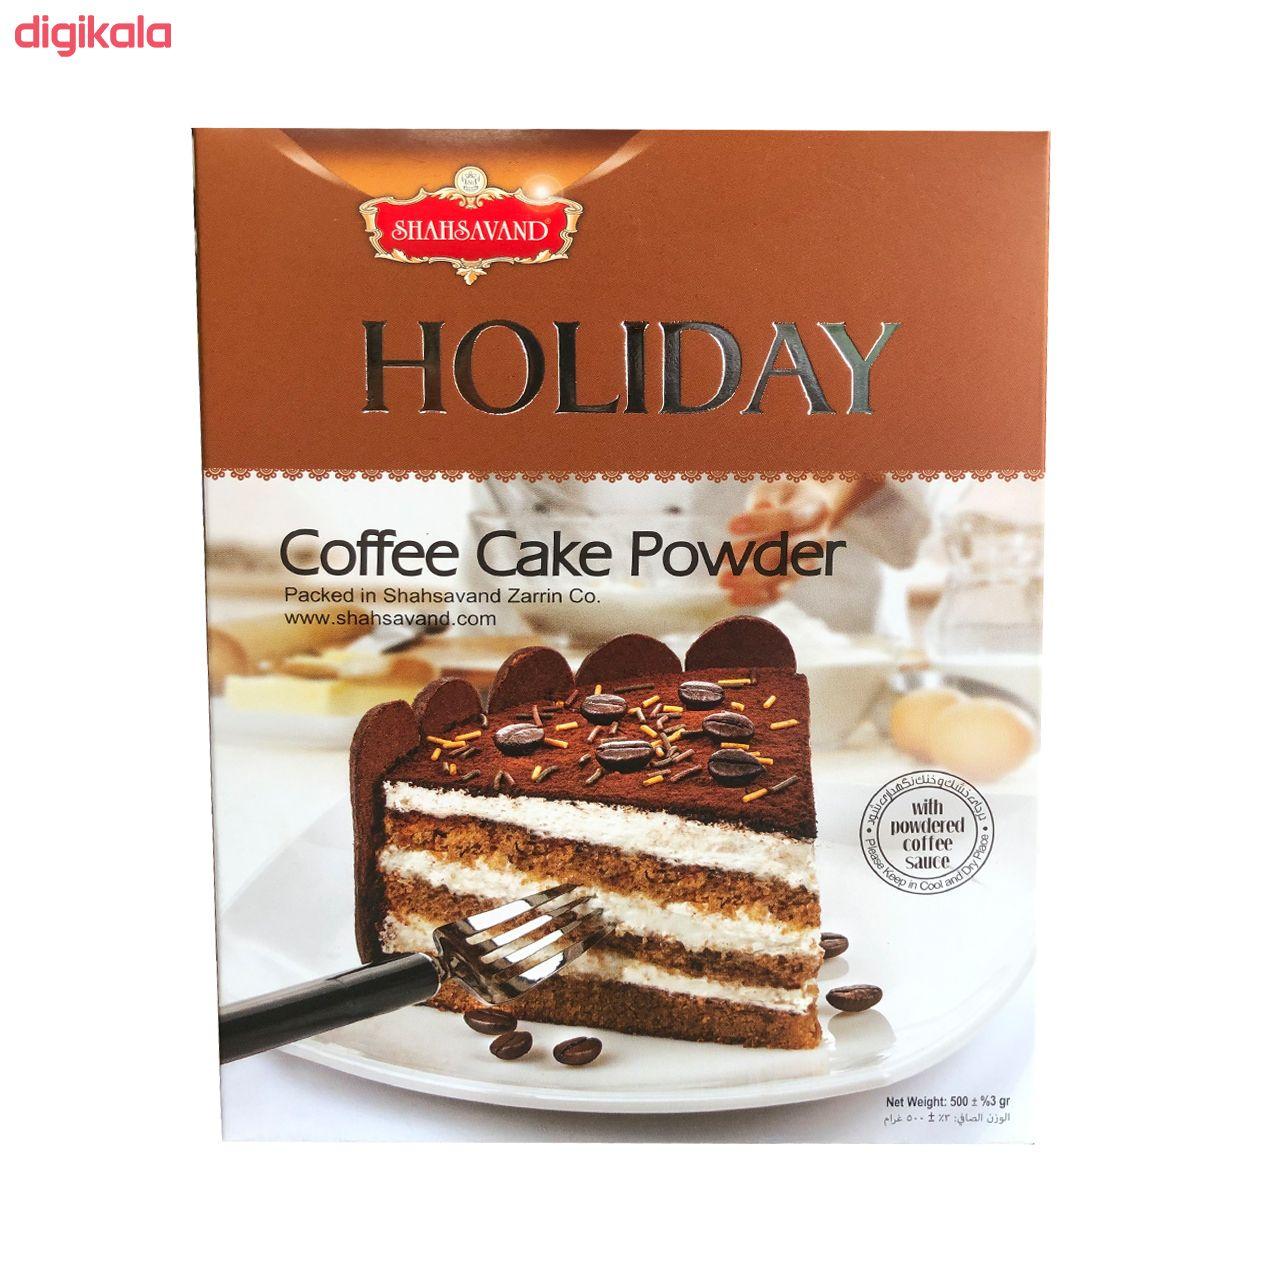 پودر کیک قهوه شاهسوند مقدار 500 گرم main 1 2